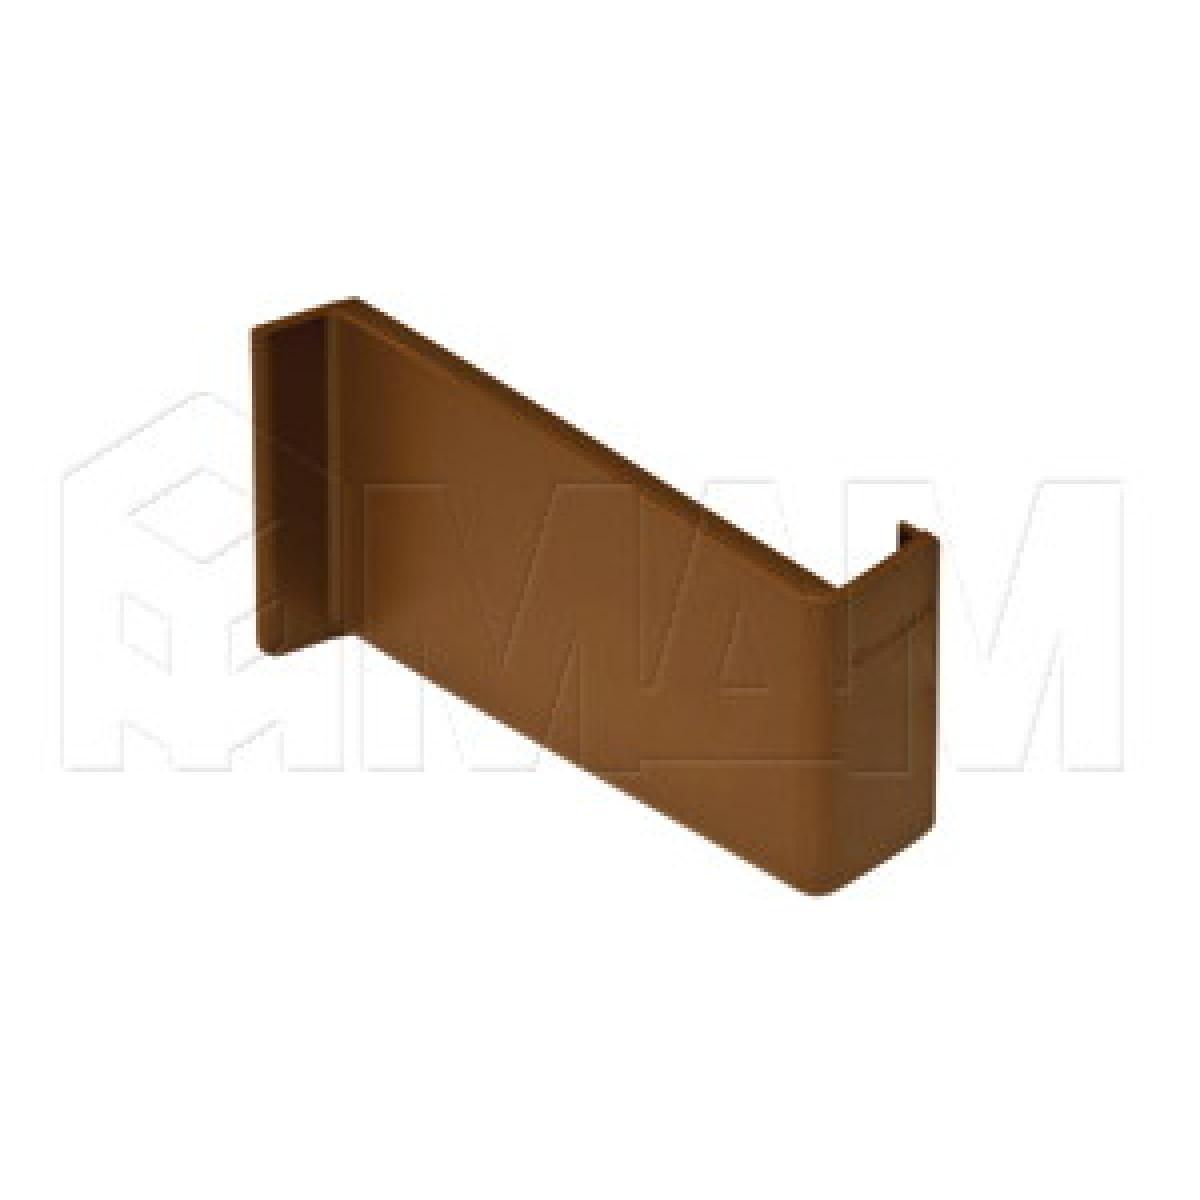 806 Заглушка для мебельного навеса, пластик, коричневая, левая